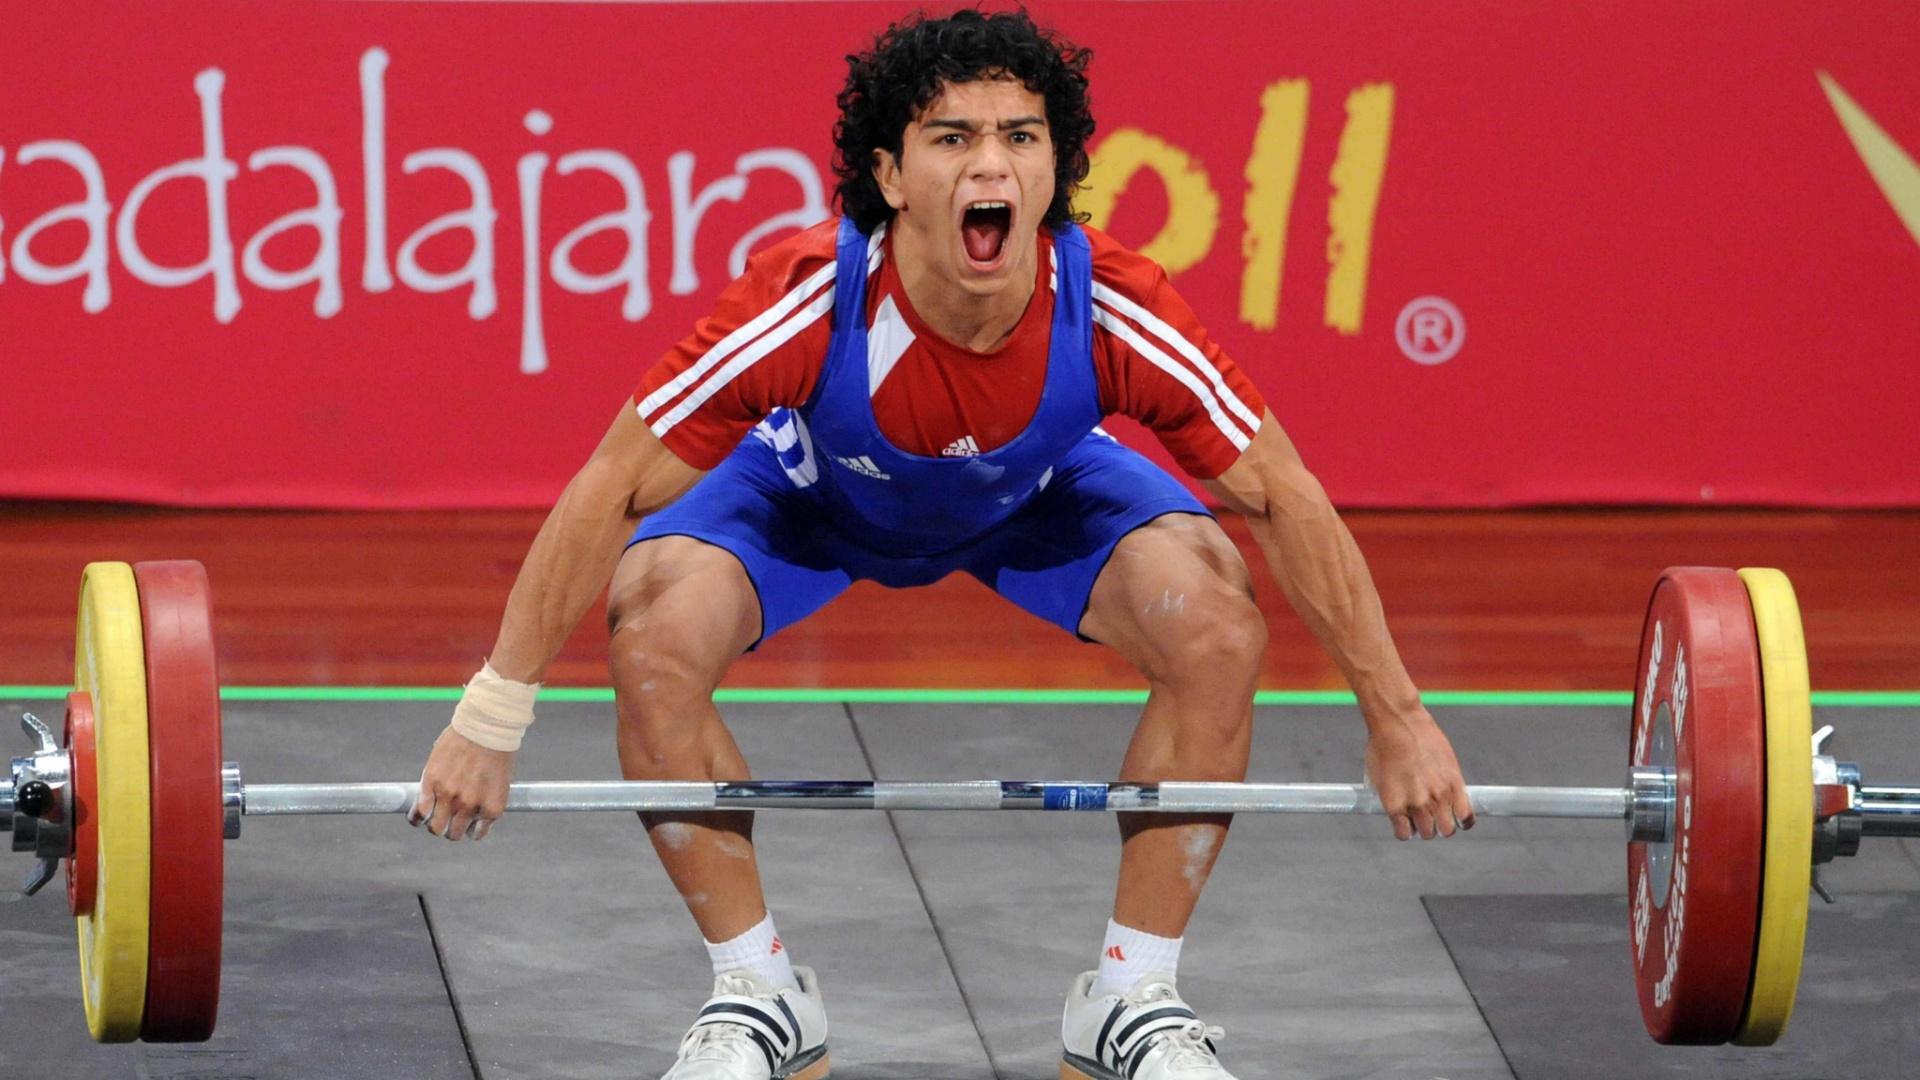 Julio Salamanca, de El Salvador, concentra todas as suas energias no levantamento de peso